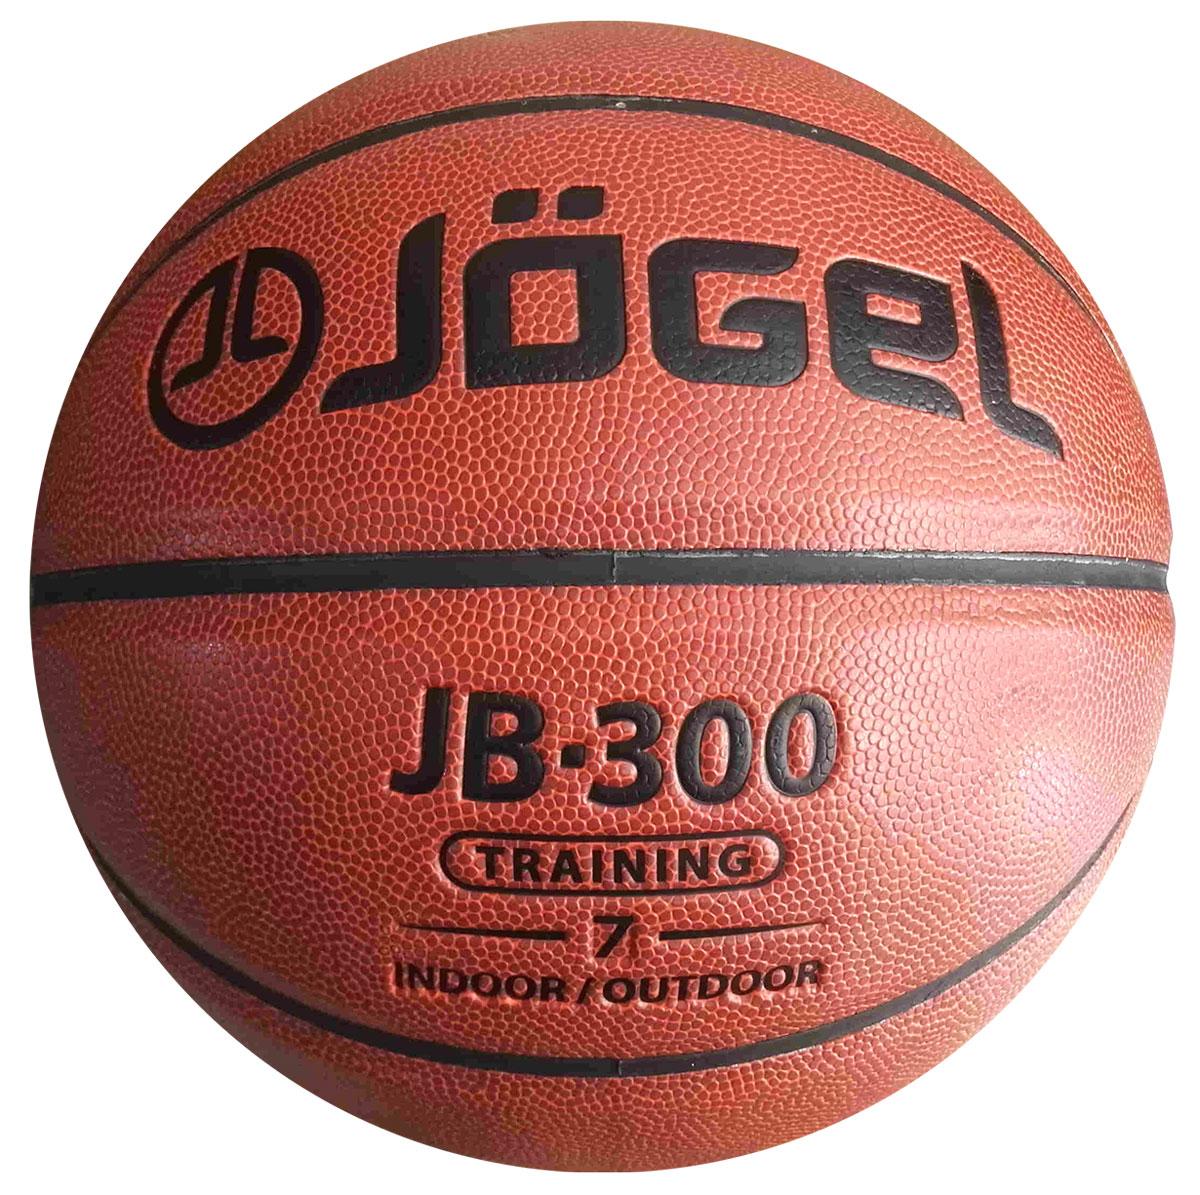 Мяч баскетбольный  Jogel , цвет: коричневый. Размер 7. JB-300 - Баскетбол